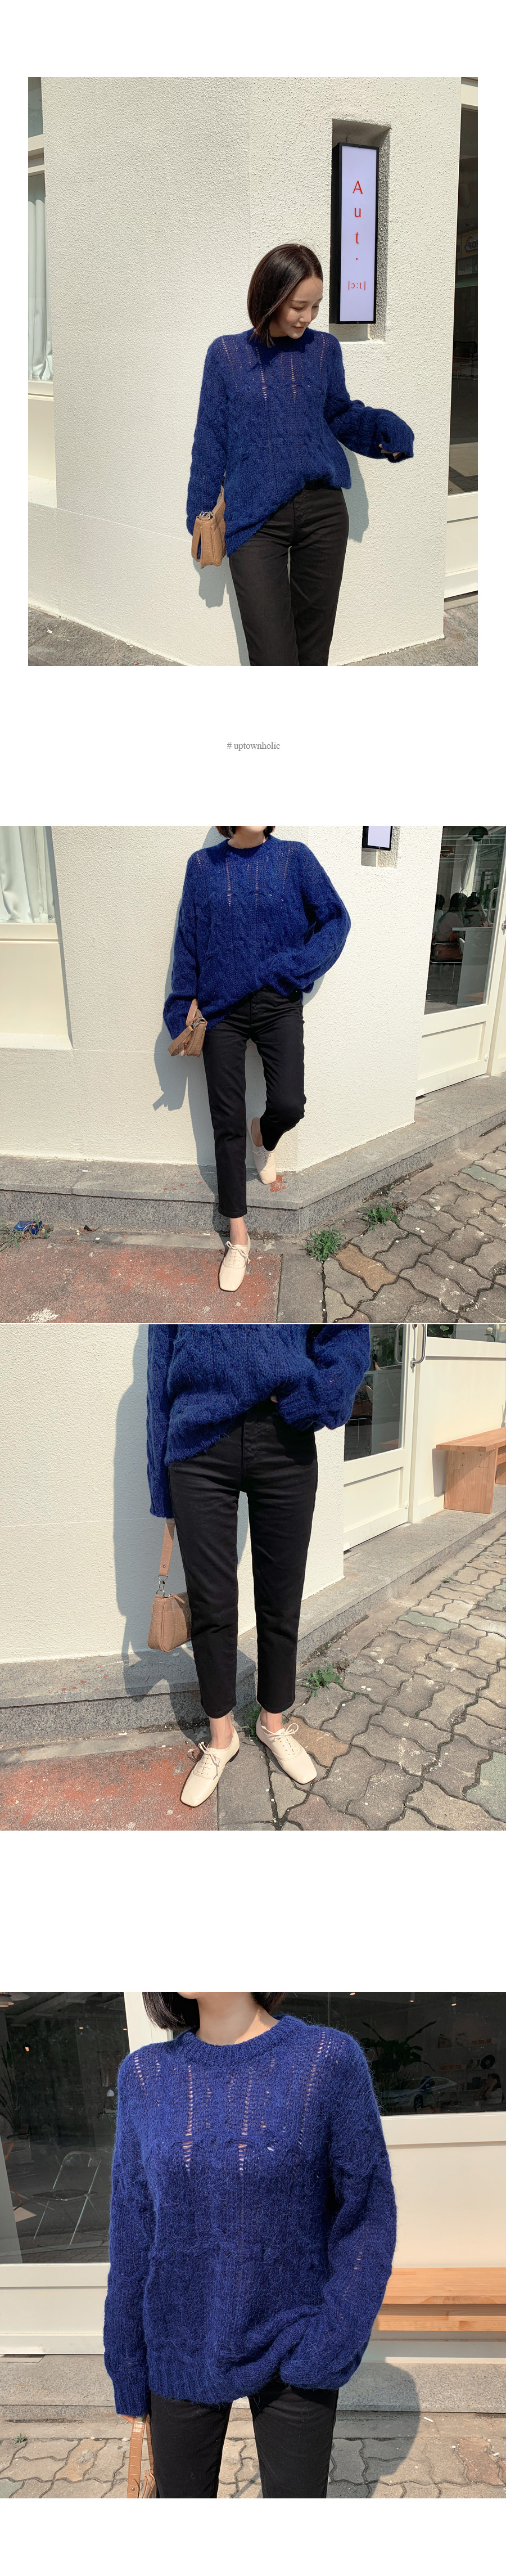 Melpis pants